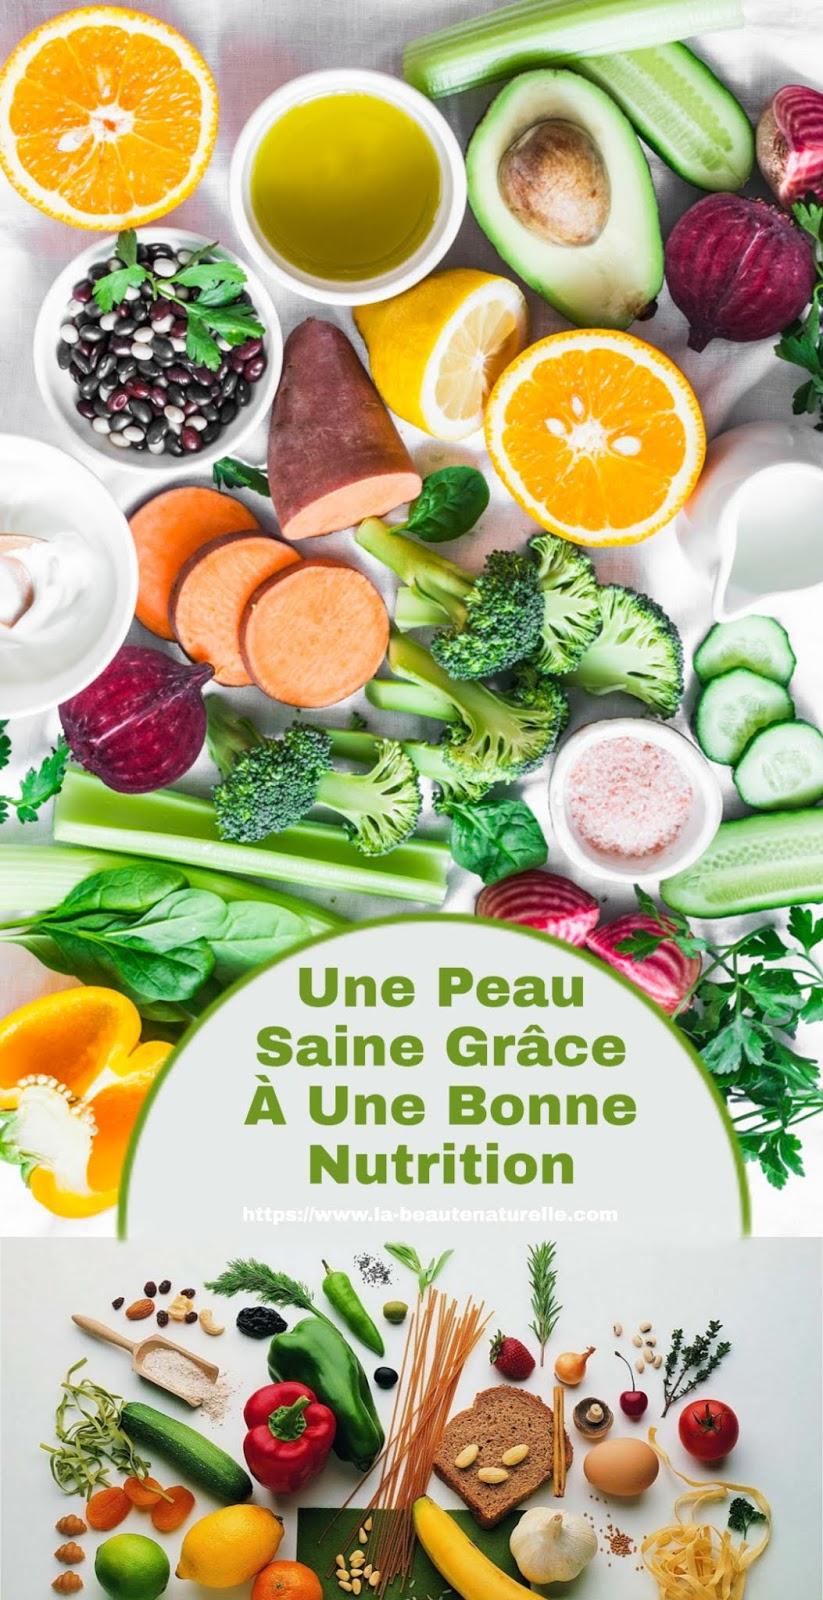 Une Peau Saine Grâce À Une Bonne Nutrition